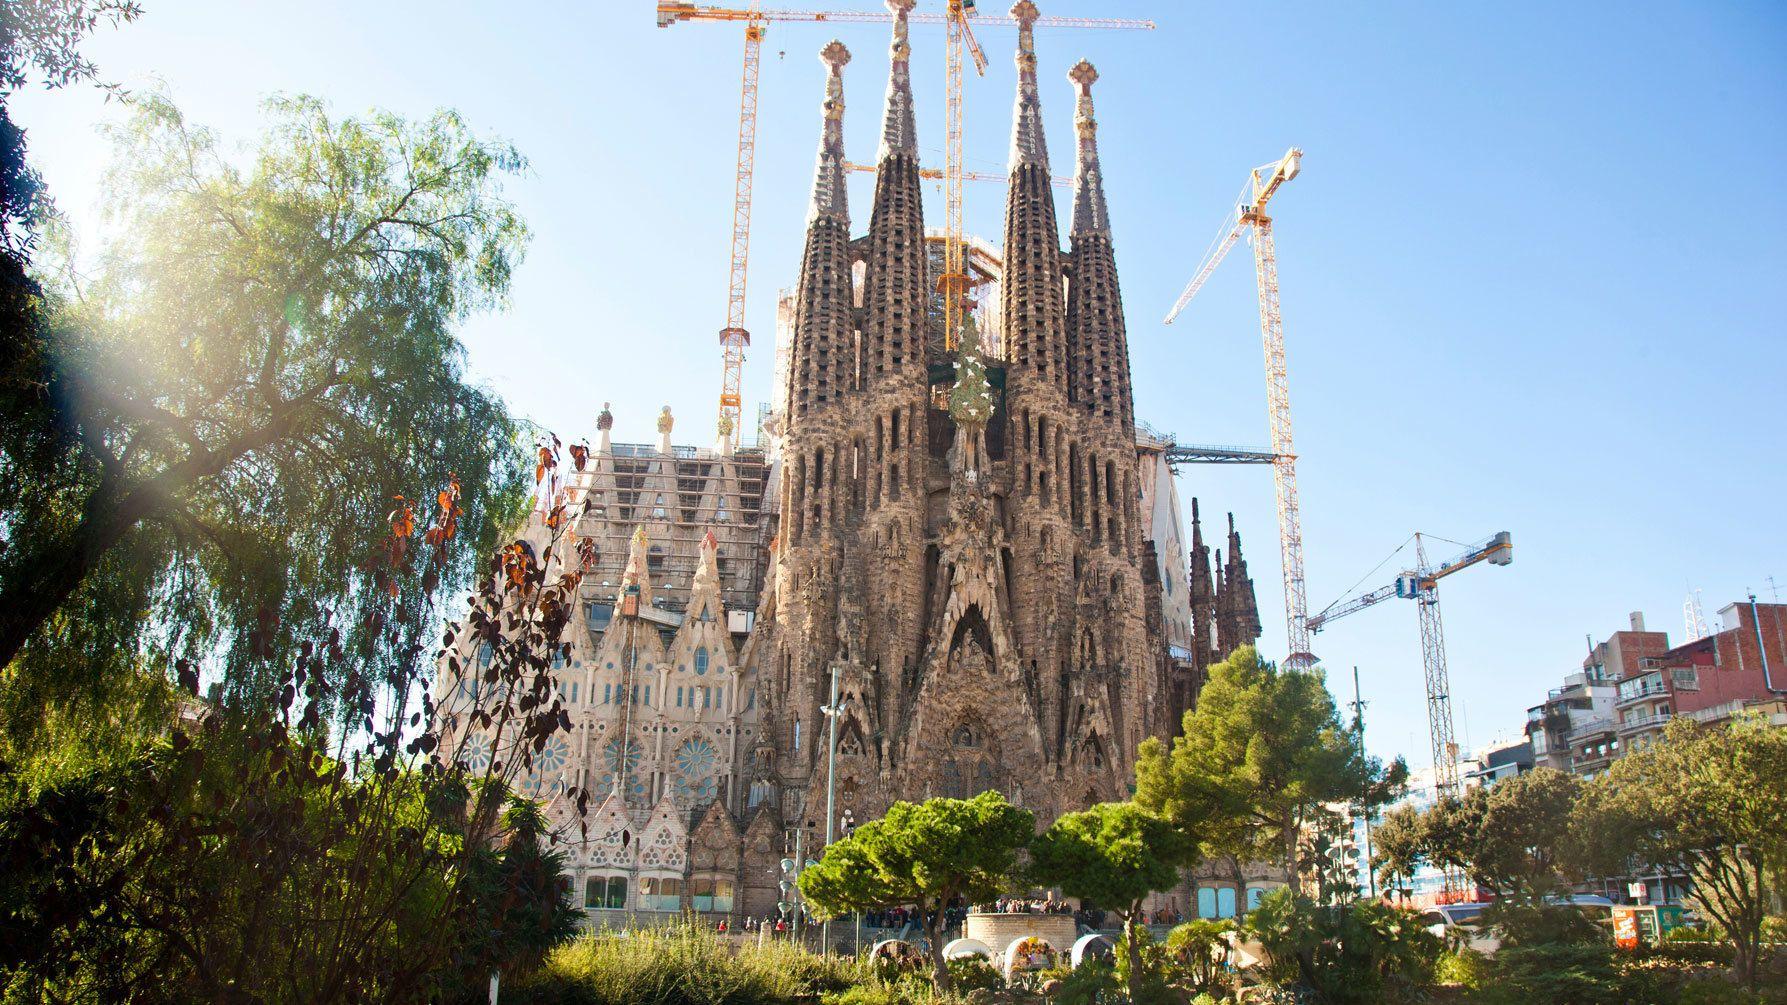 La Sagrada Familia gothic-style cathedral in Barcelona